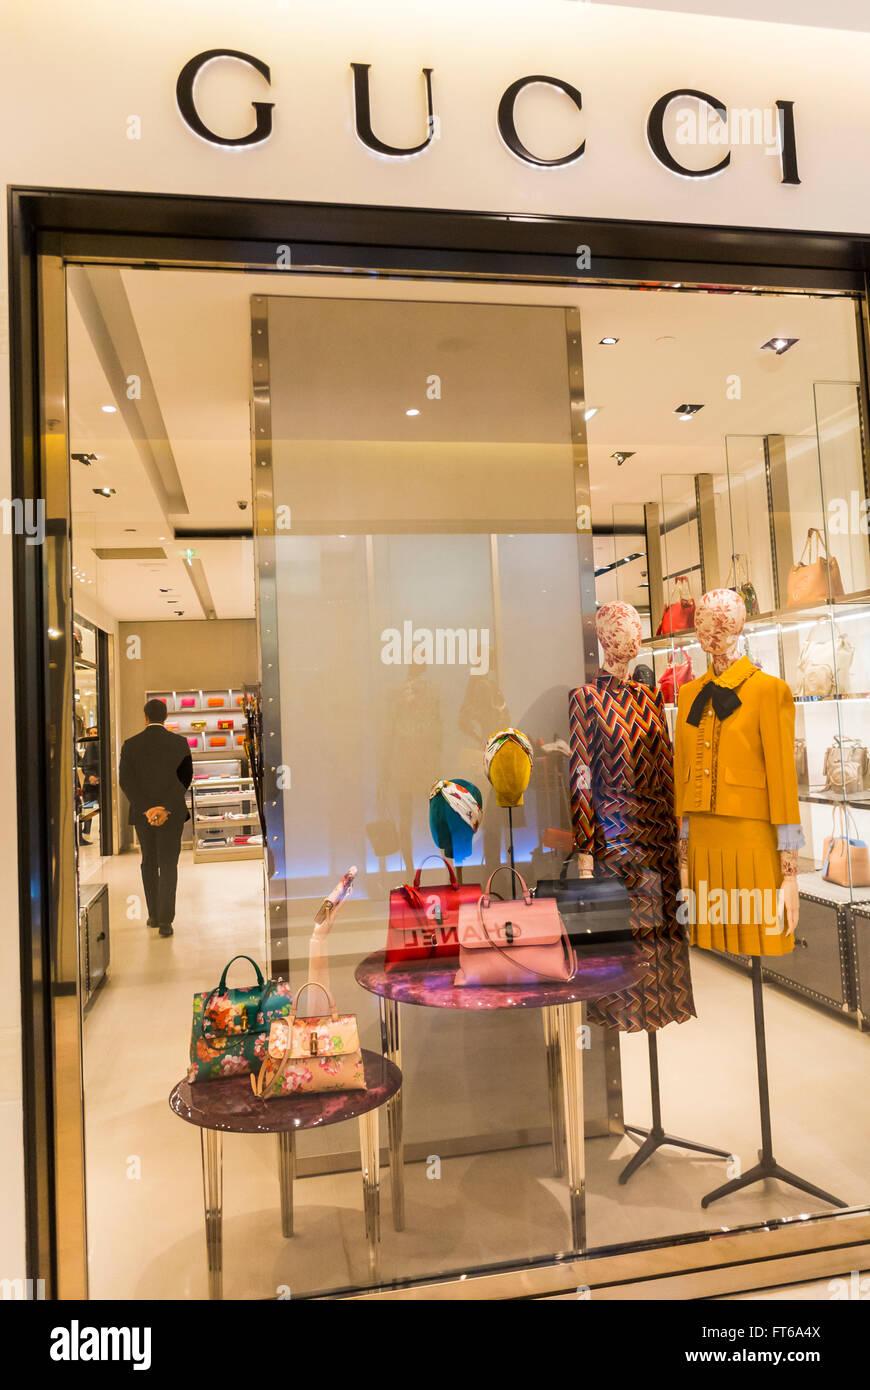 Paris, France, Shopping, magasin, le Printemps, Gucci, marque de vêtements  de luxe boutique Vitrine, signe, l intérieur de haute couture 557c073d215